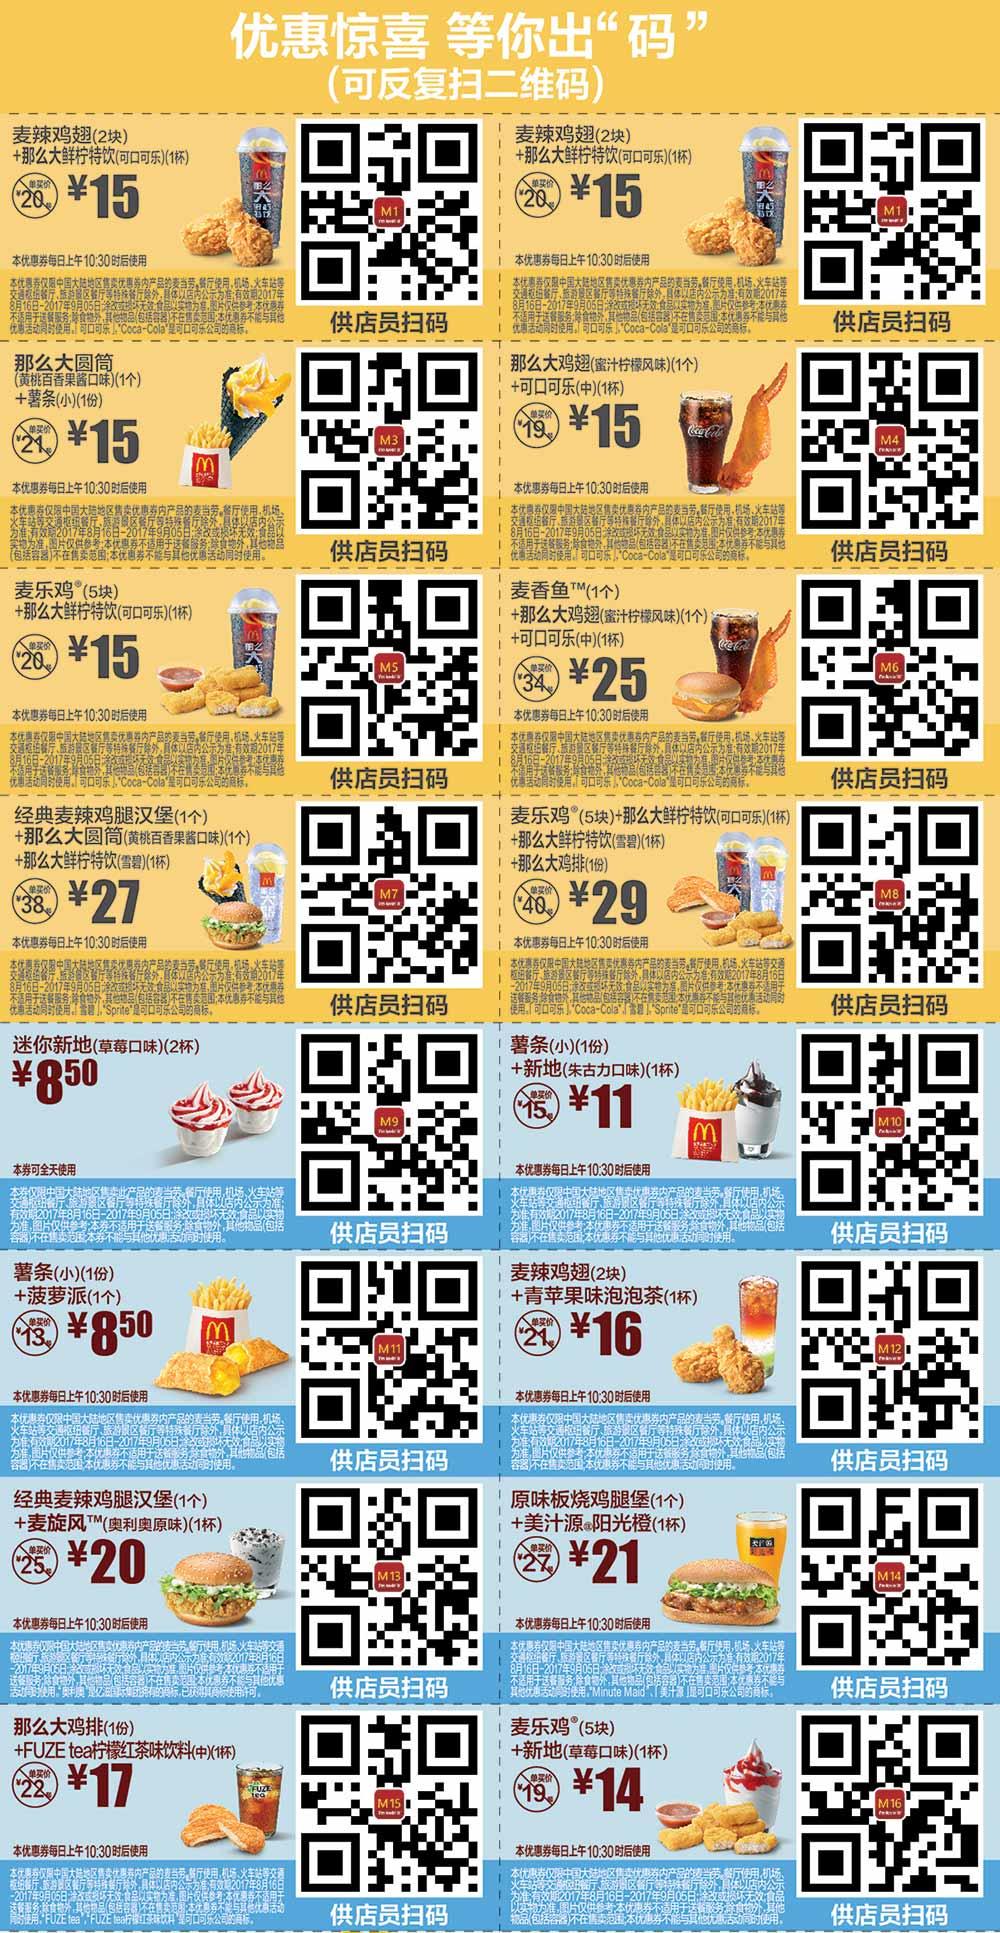 麦当劳优惠券2017年8月9月份手机版整张版本,点餐出示给店员扫码享优惠 有效期至:2017年9月5日 www.5ikfc.com